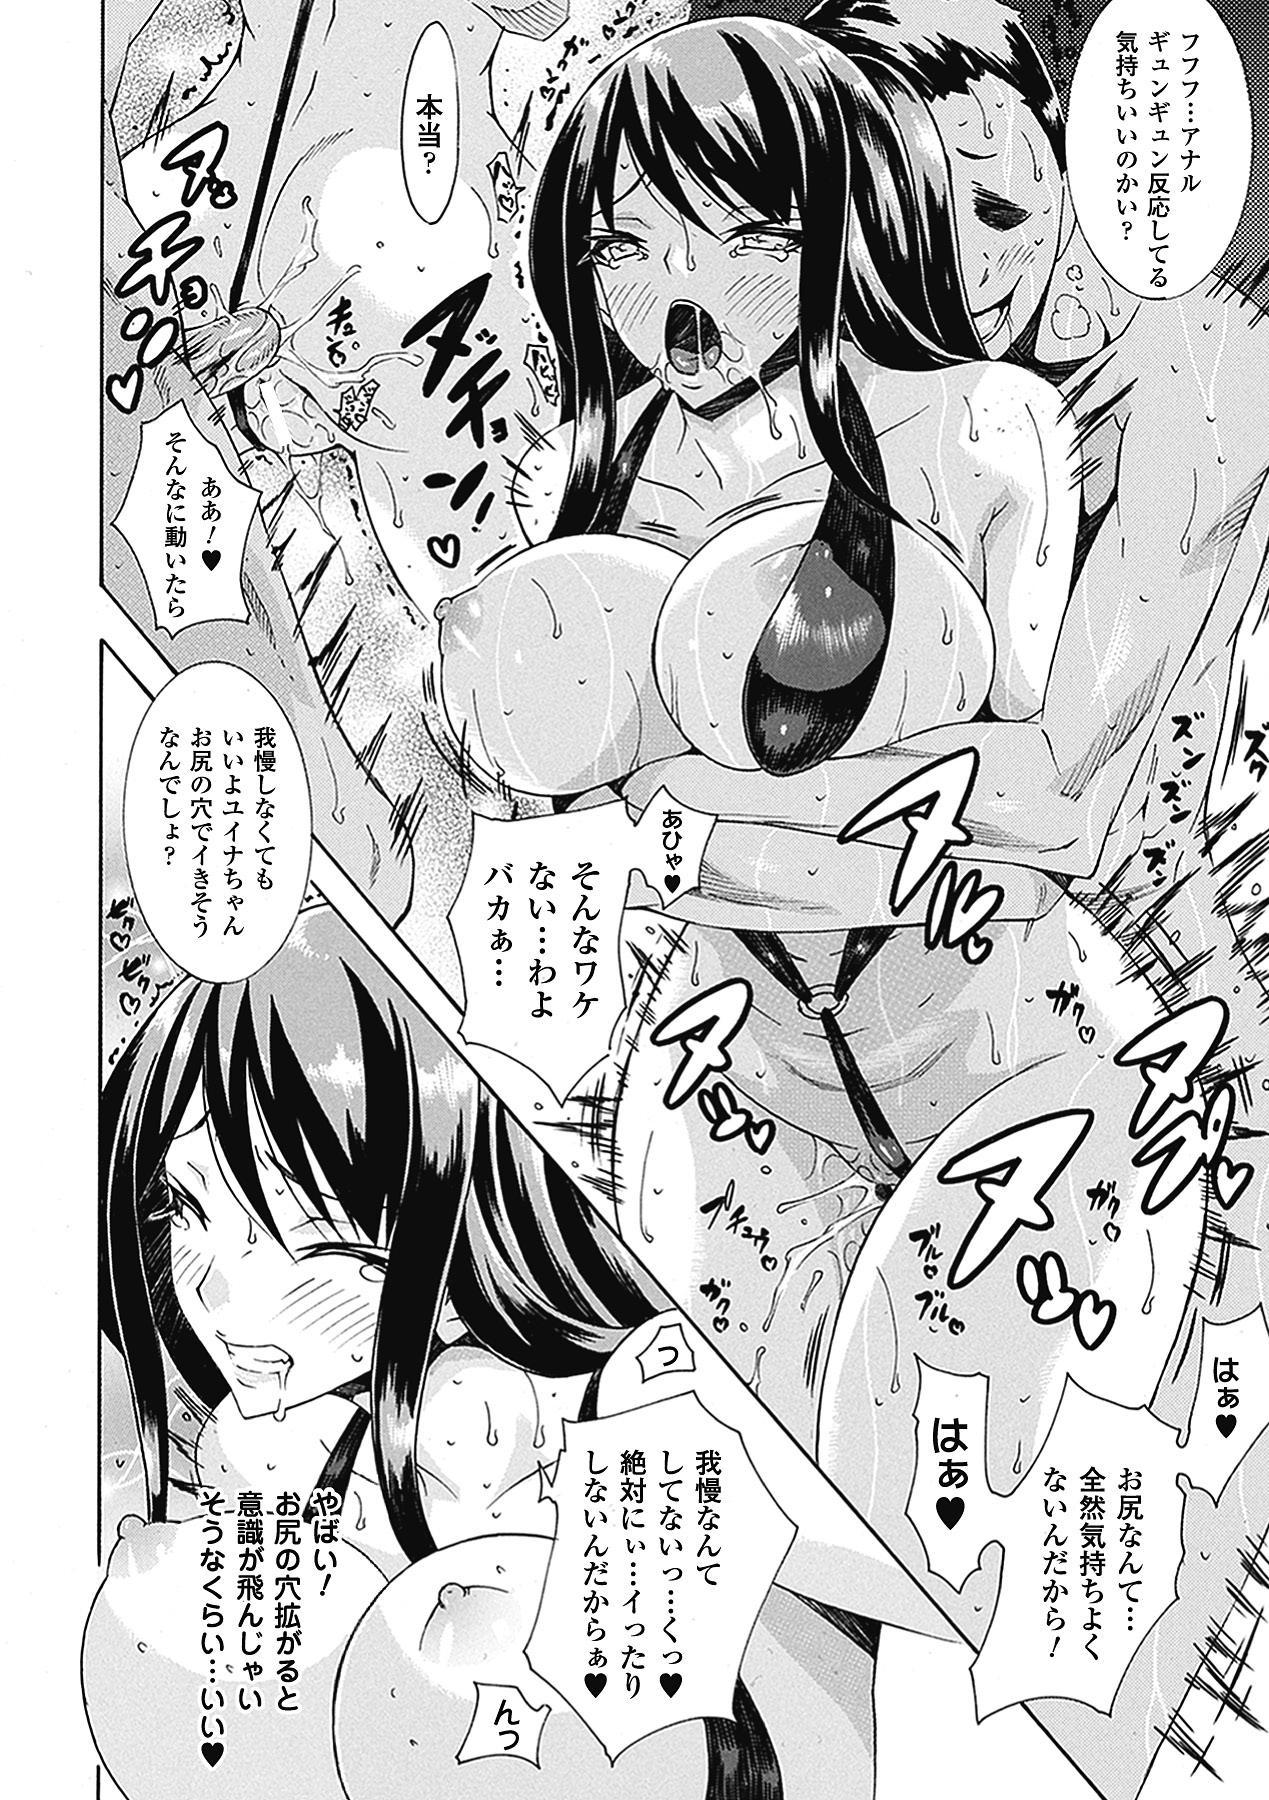 Seiin Shoujo 59